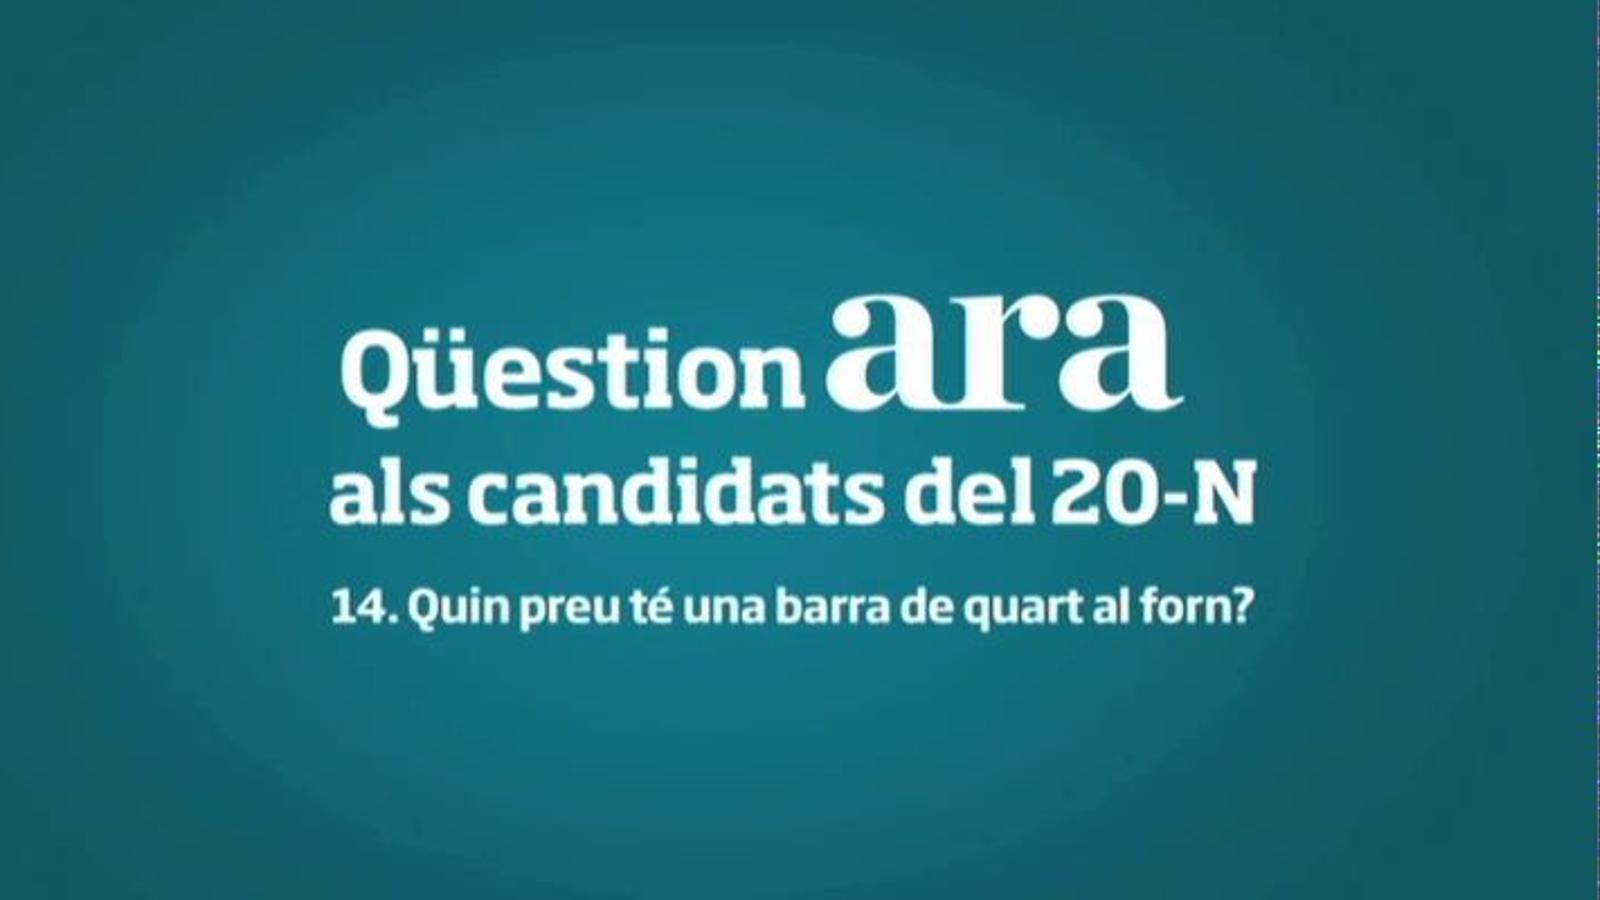 A quin preu paga cada candidat la barra de quart al forn?